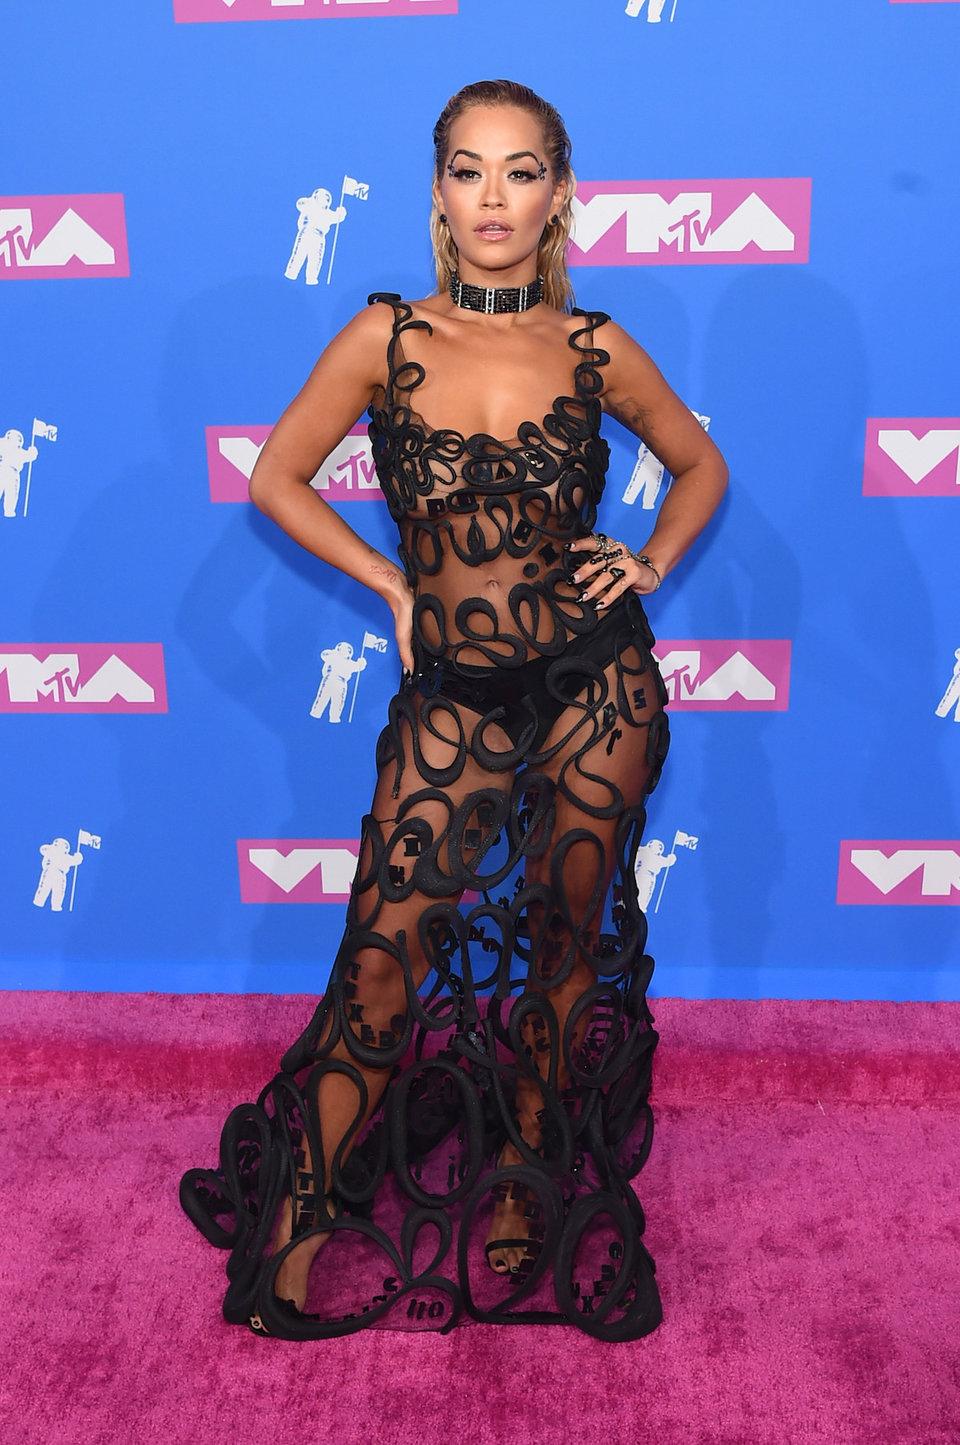 Самые смелые прозрачные платья знаменитостей в 2018 году